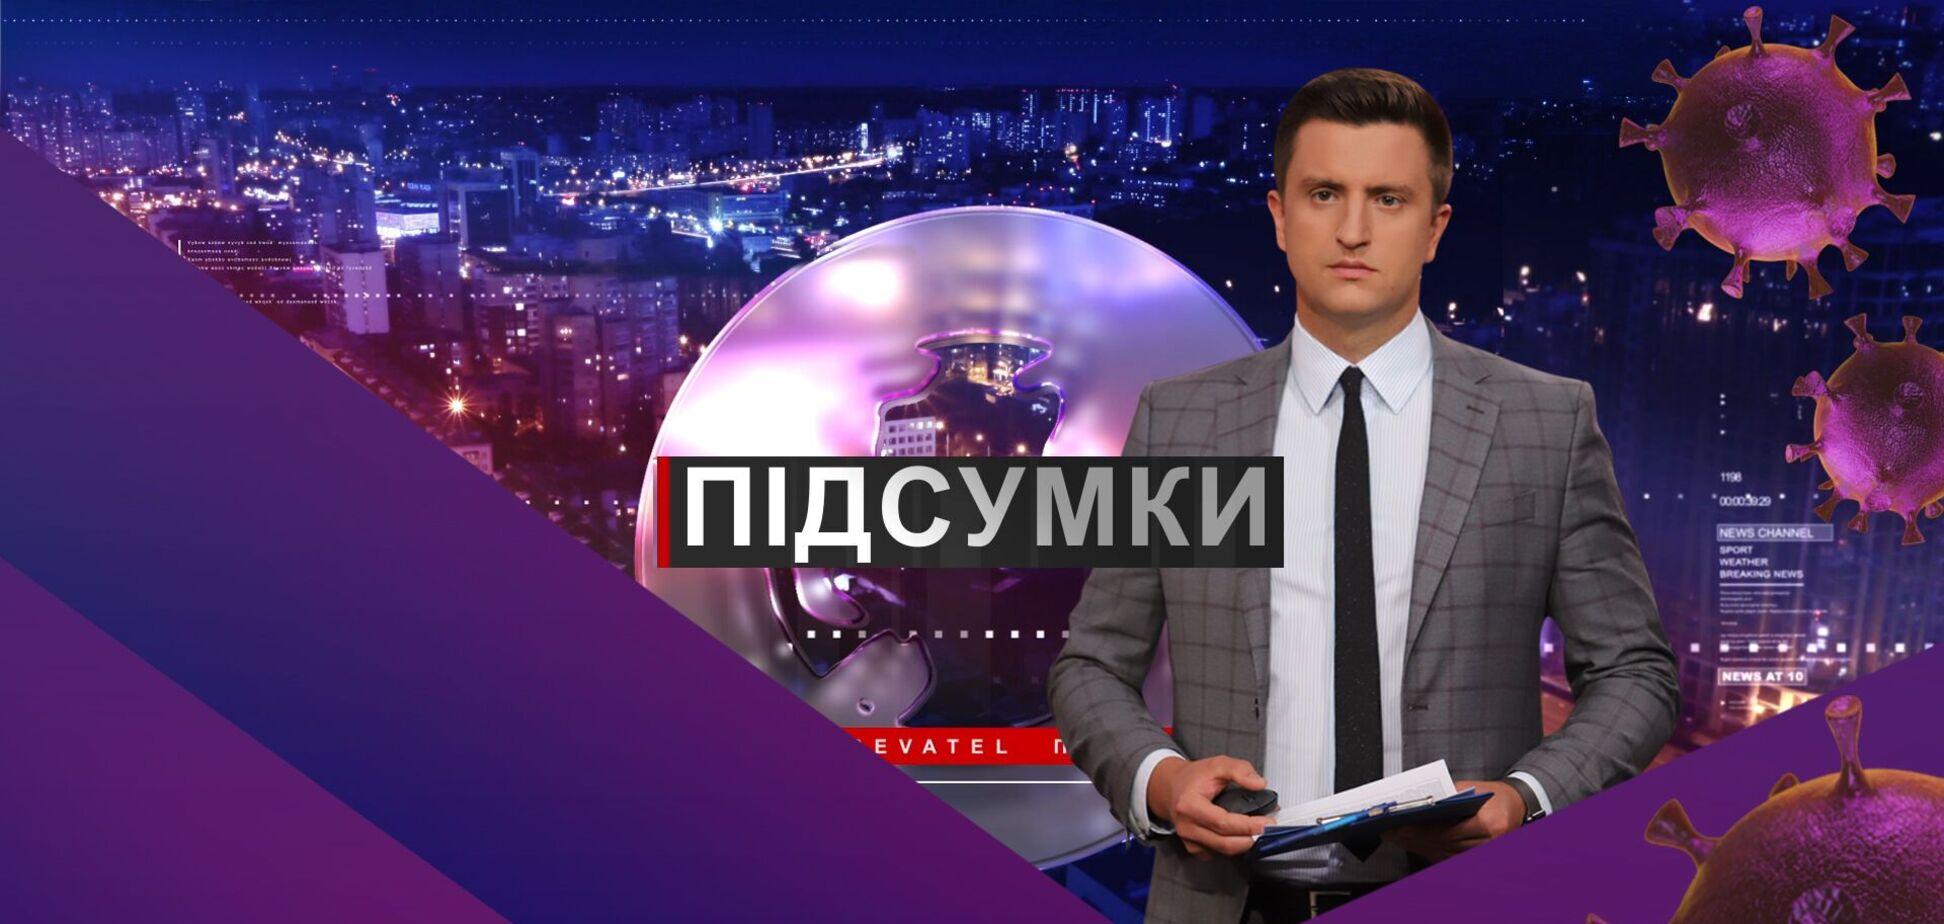 Підсумки дня з Вадимом Колодійчуком. Понеділок, 7 грудня